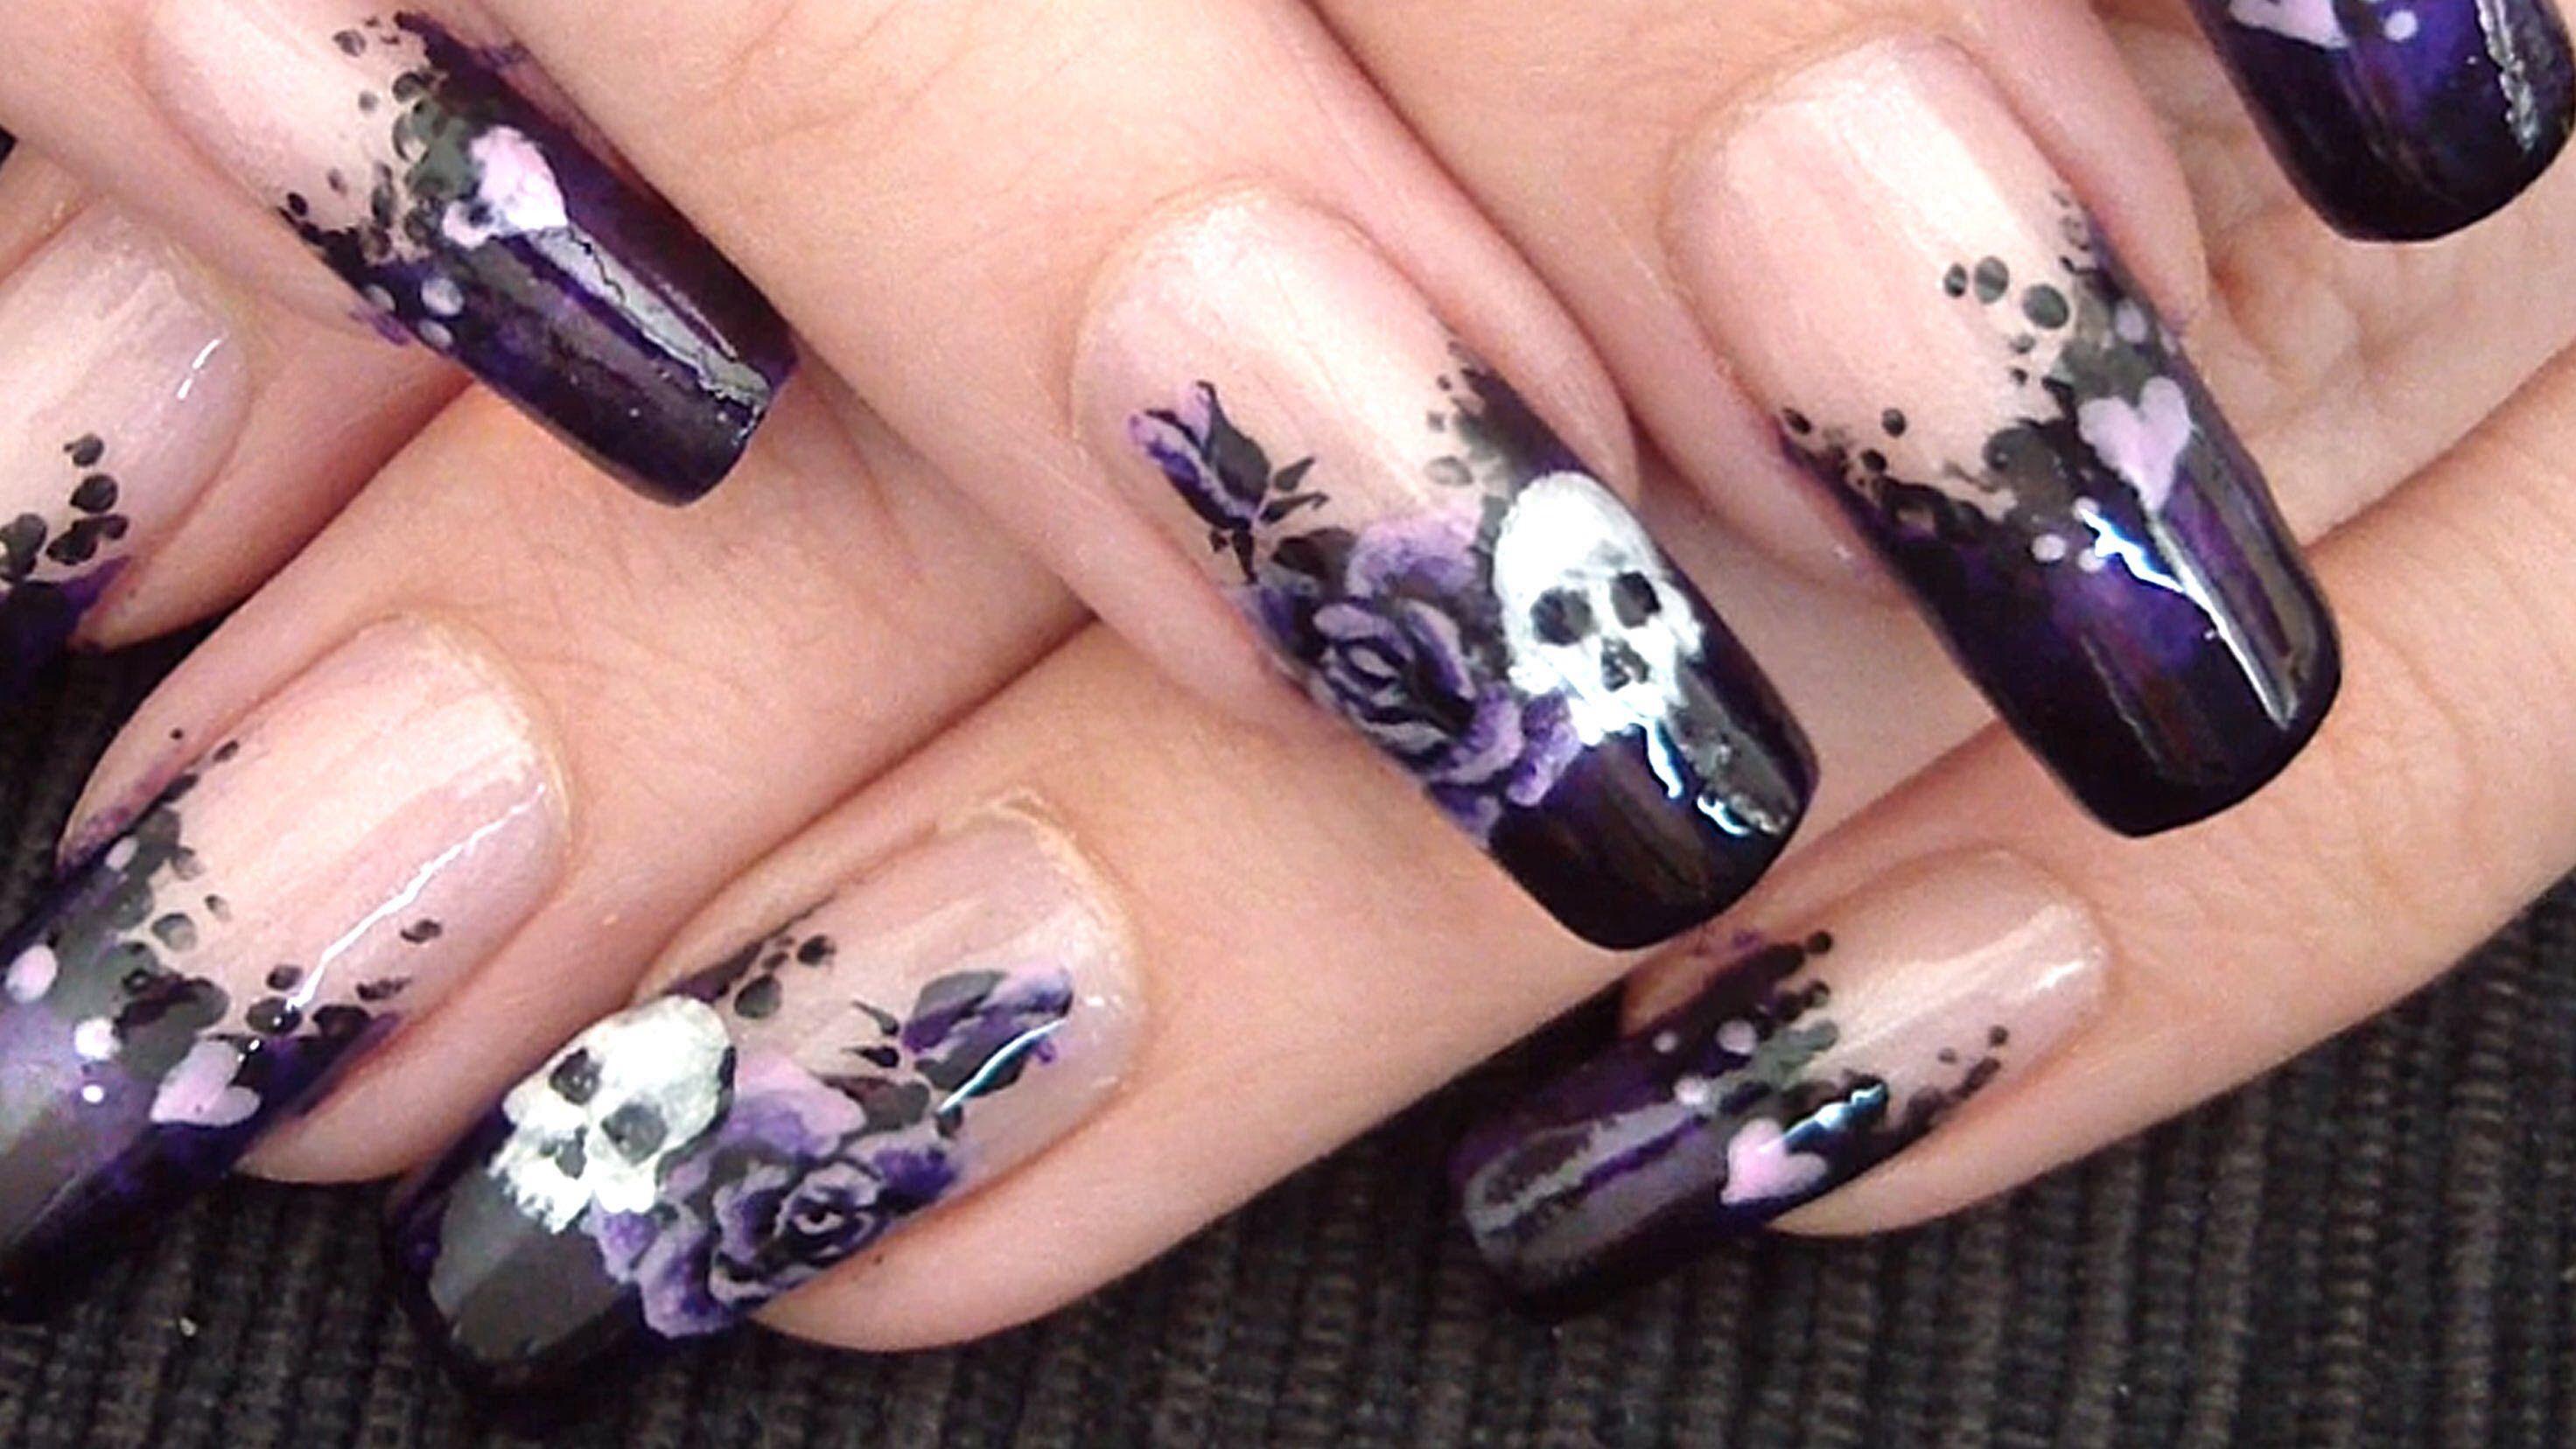 Cool skull and roses nail design | Nail Art | Pinterest